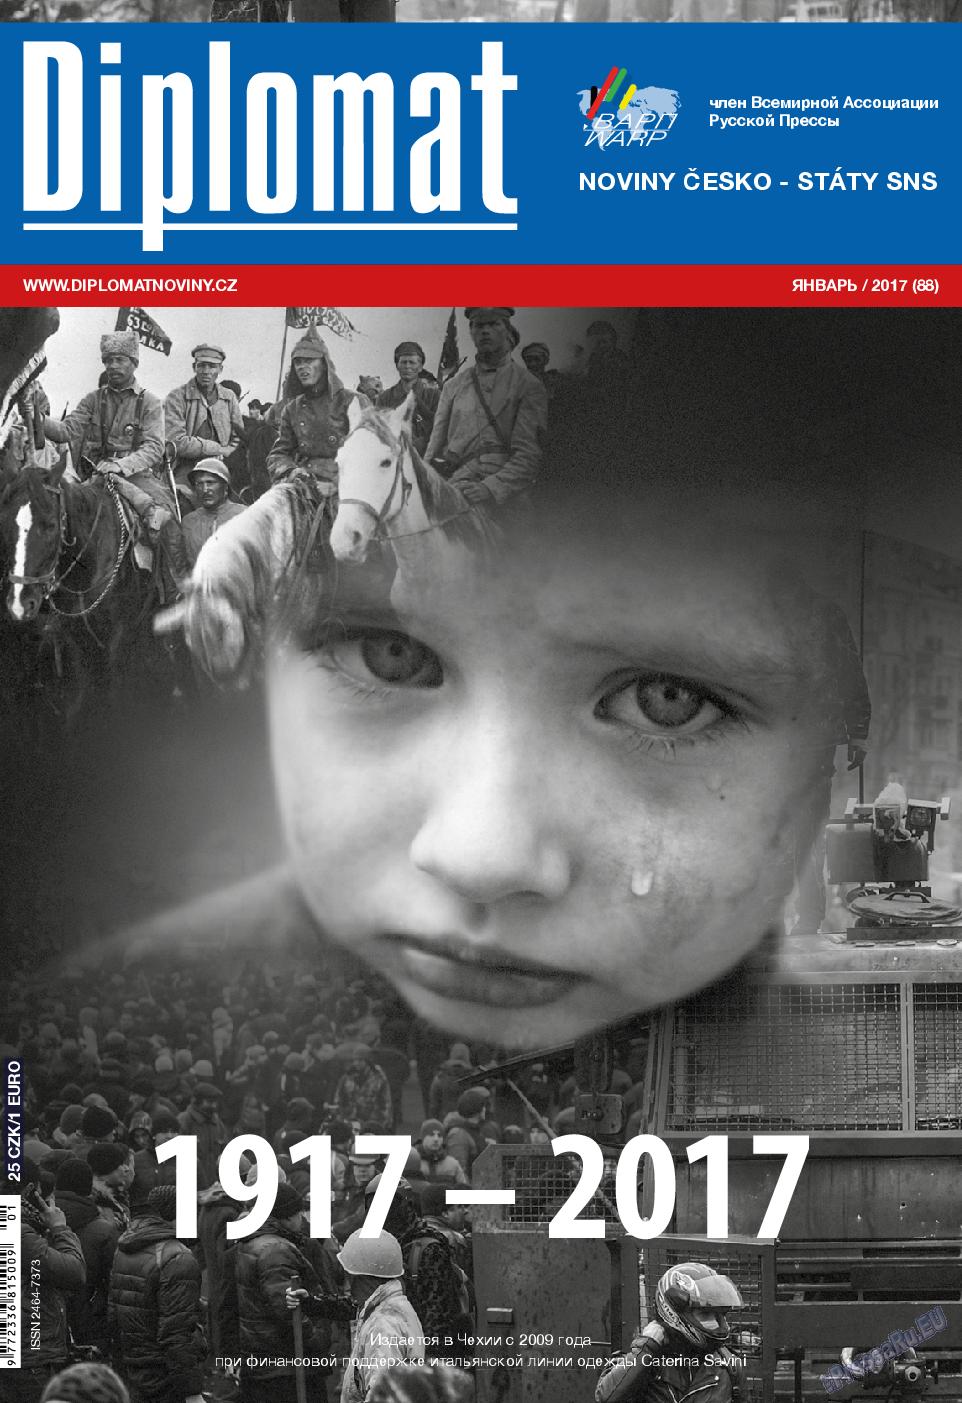 Diplomat (газета). 2017 год, номер 88, стр. 1